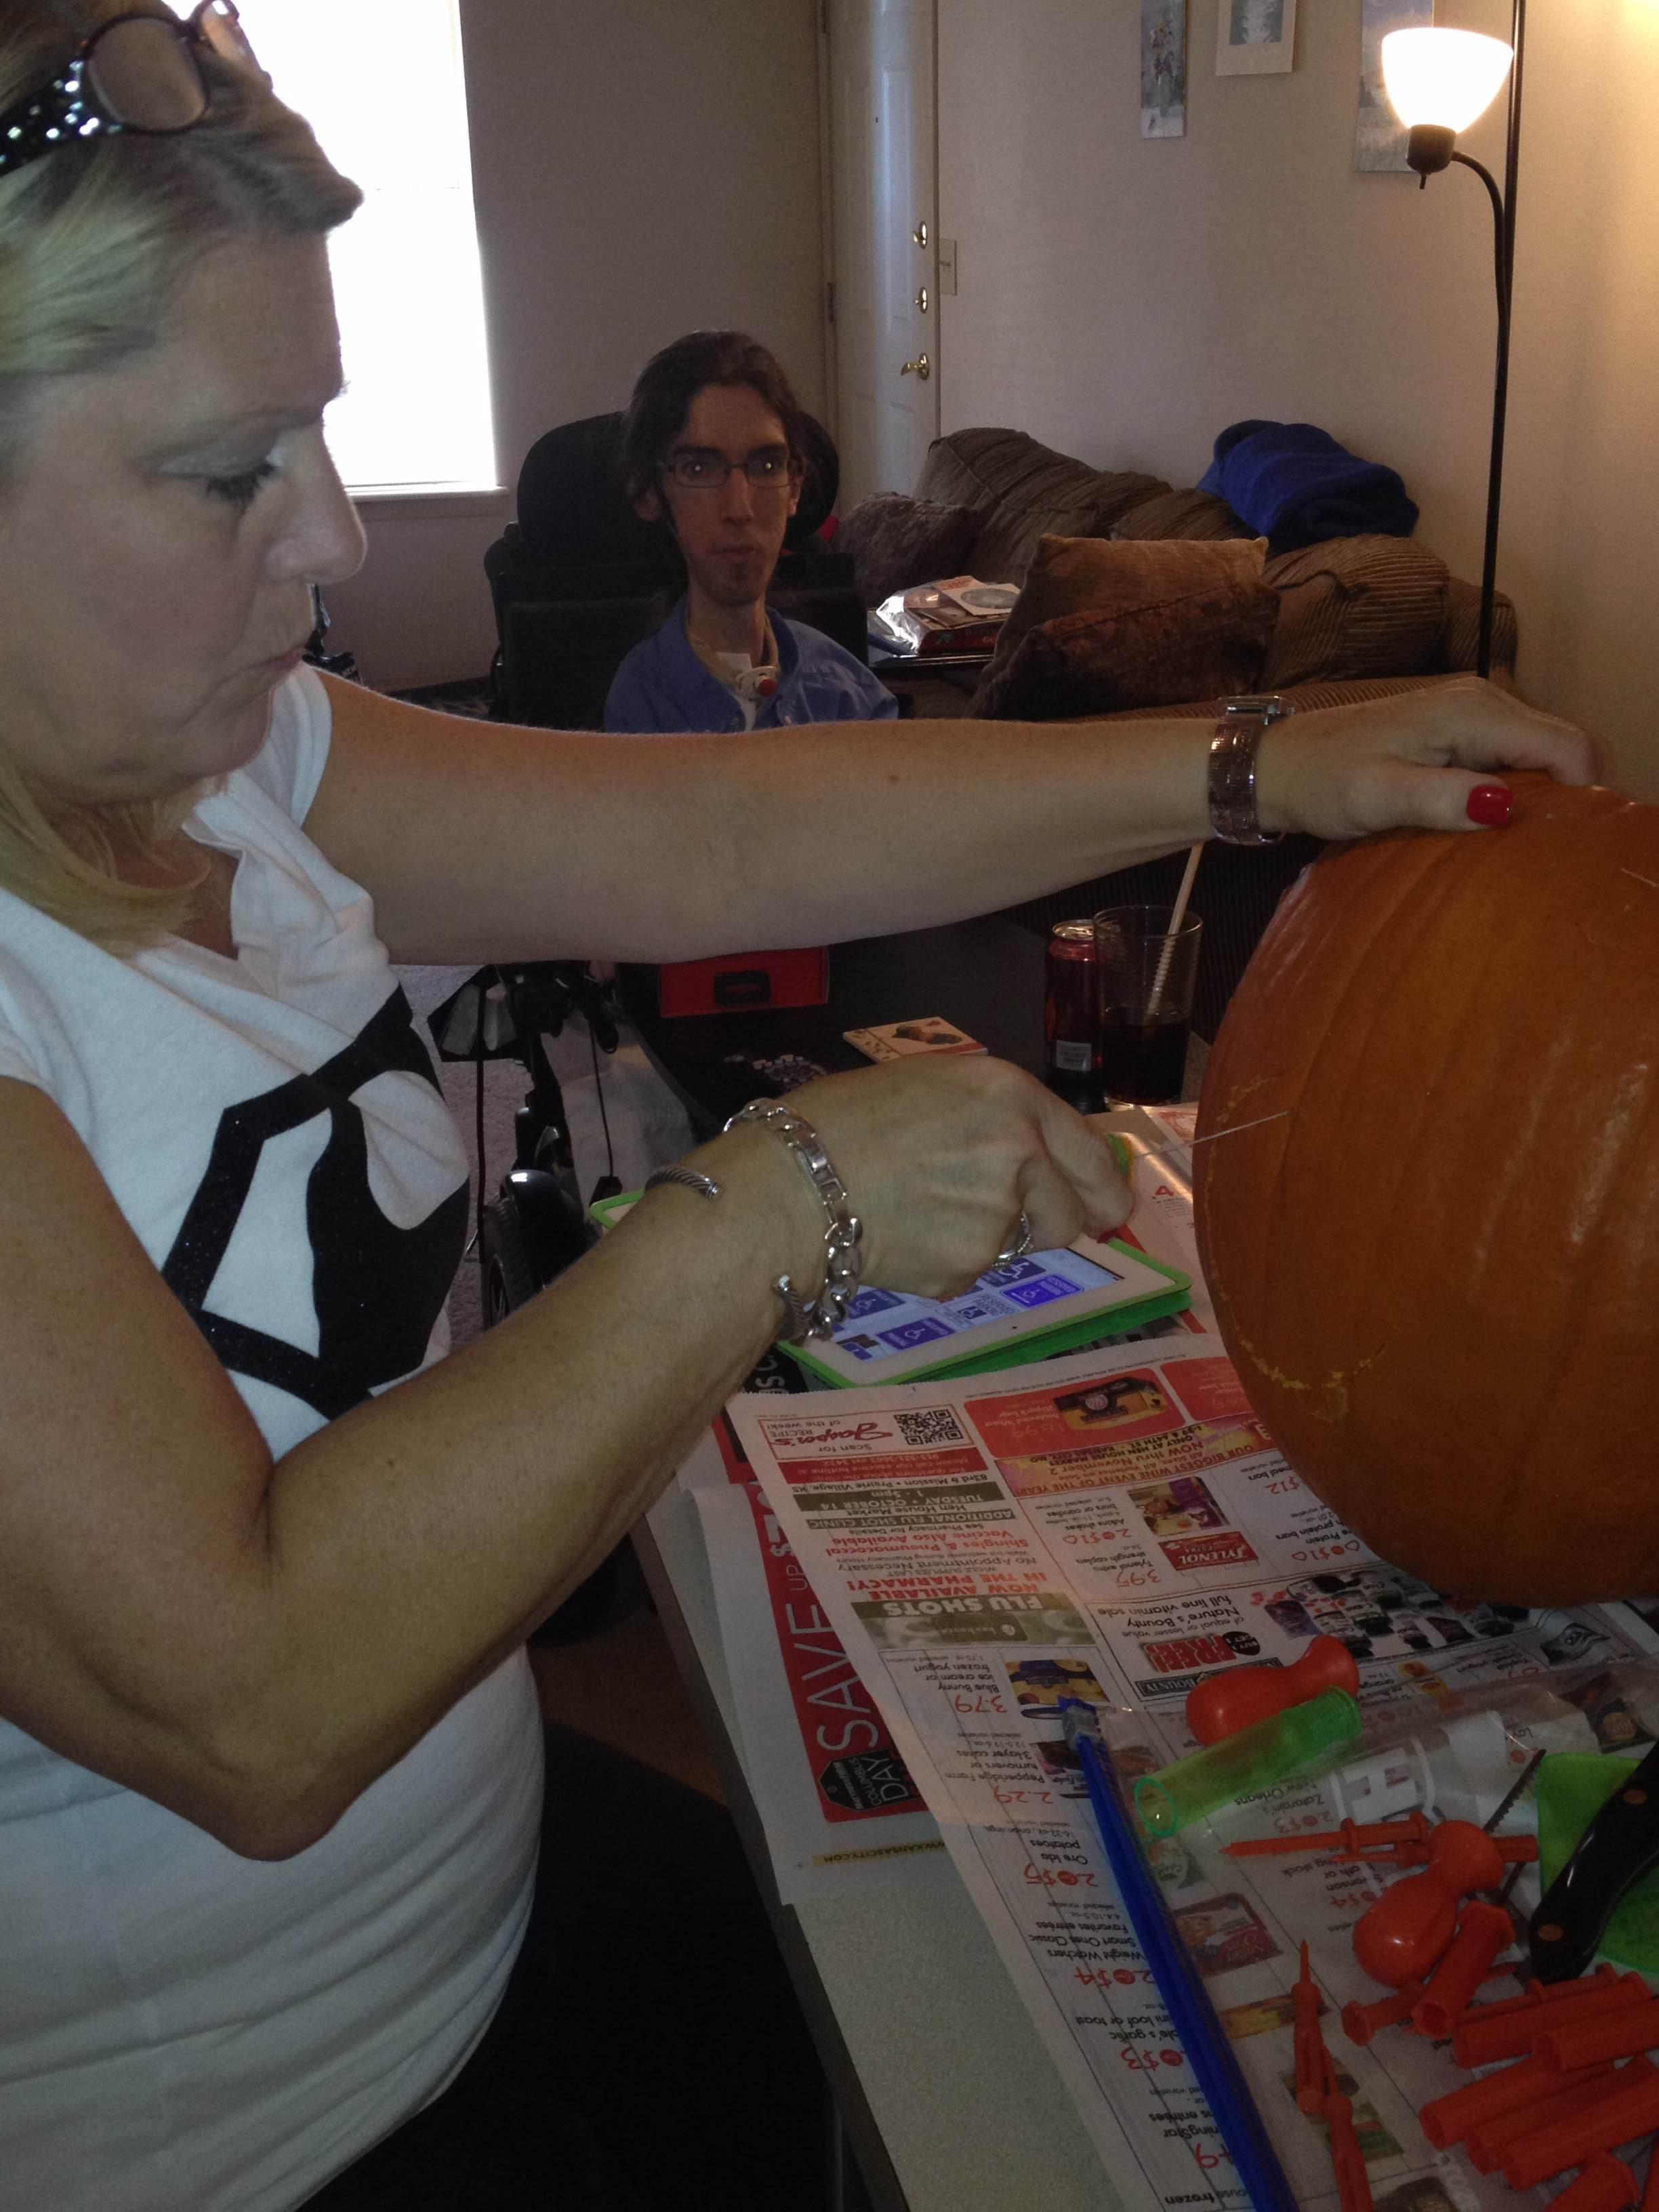 Scott Drotar Carving Pumpkins